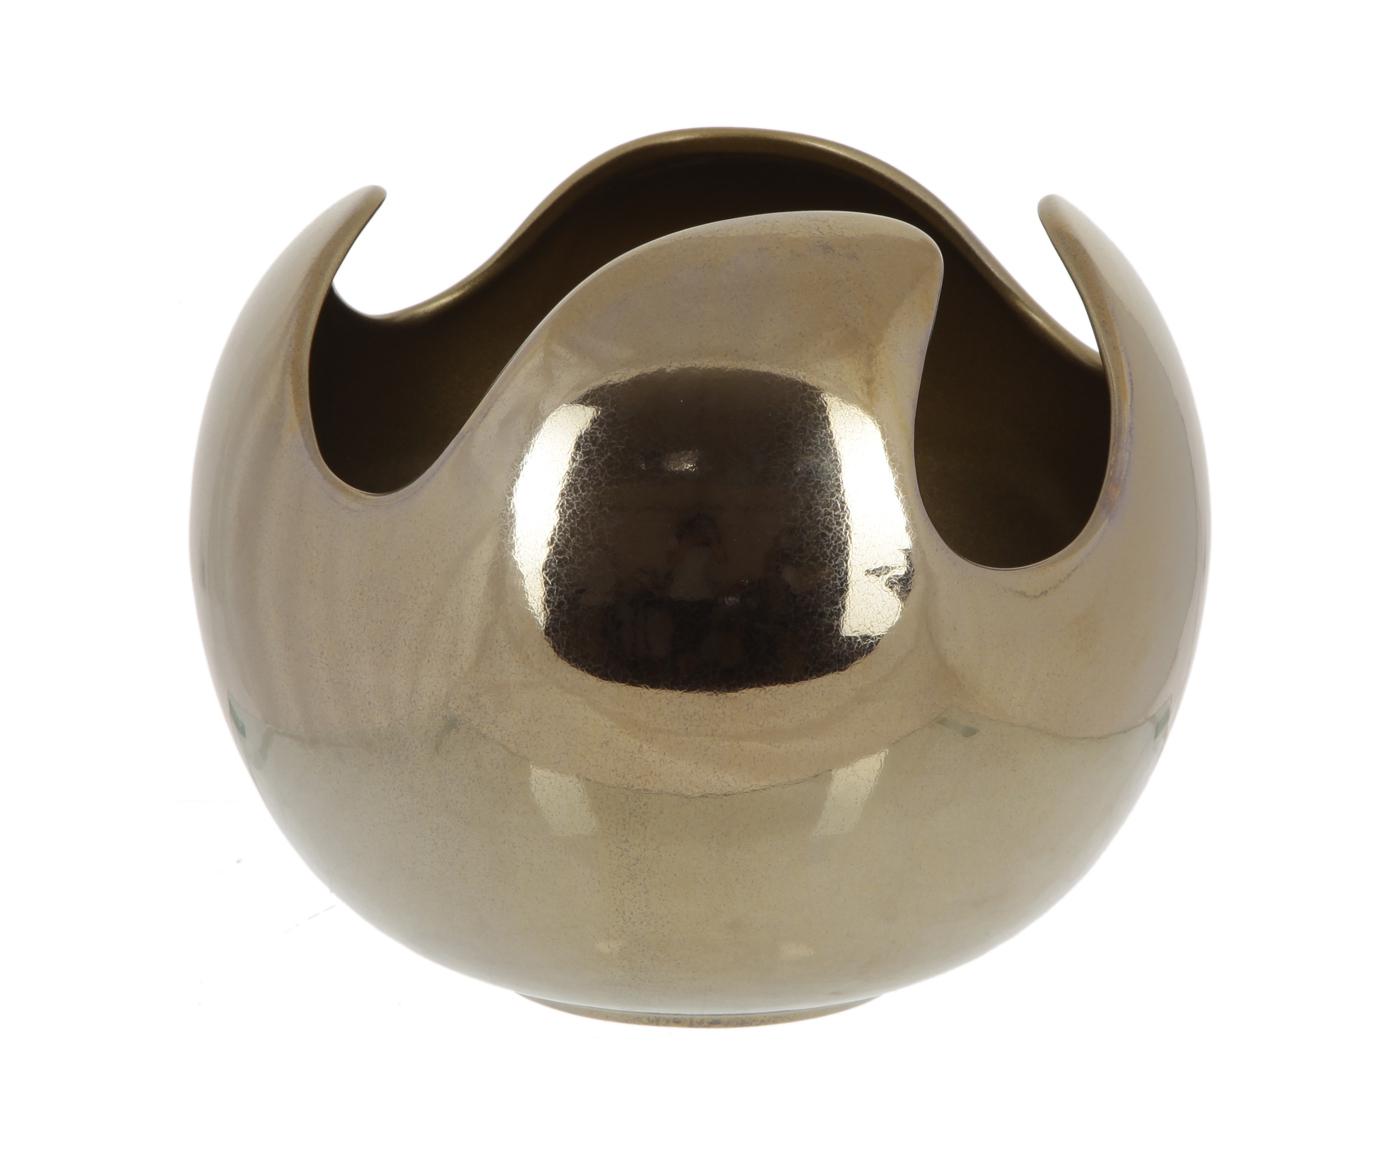 Вазы настольные Элитная ваза декоративная Паниче большая от Sporvil elitnaya-vaza-dekorativnaya-paniche-bolshaya-ot-sporvil-portugaliya.jpg